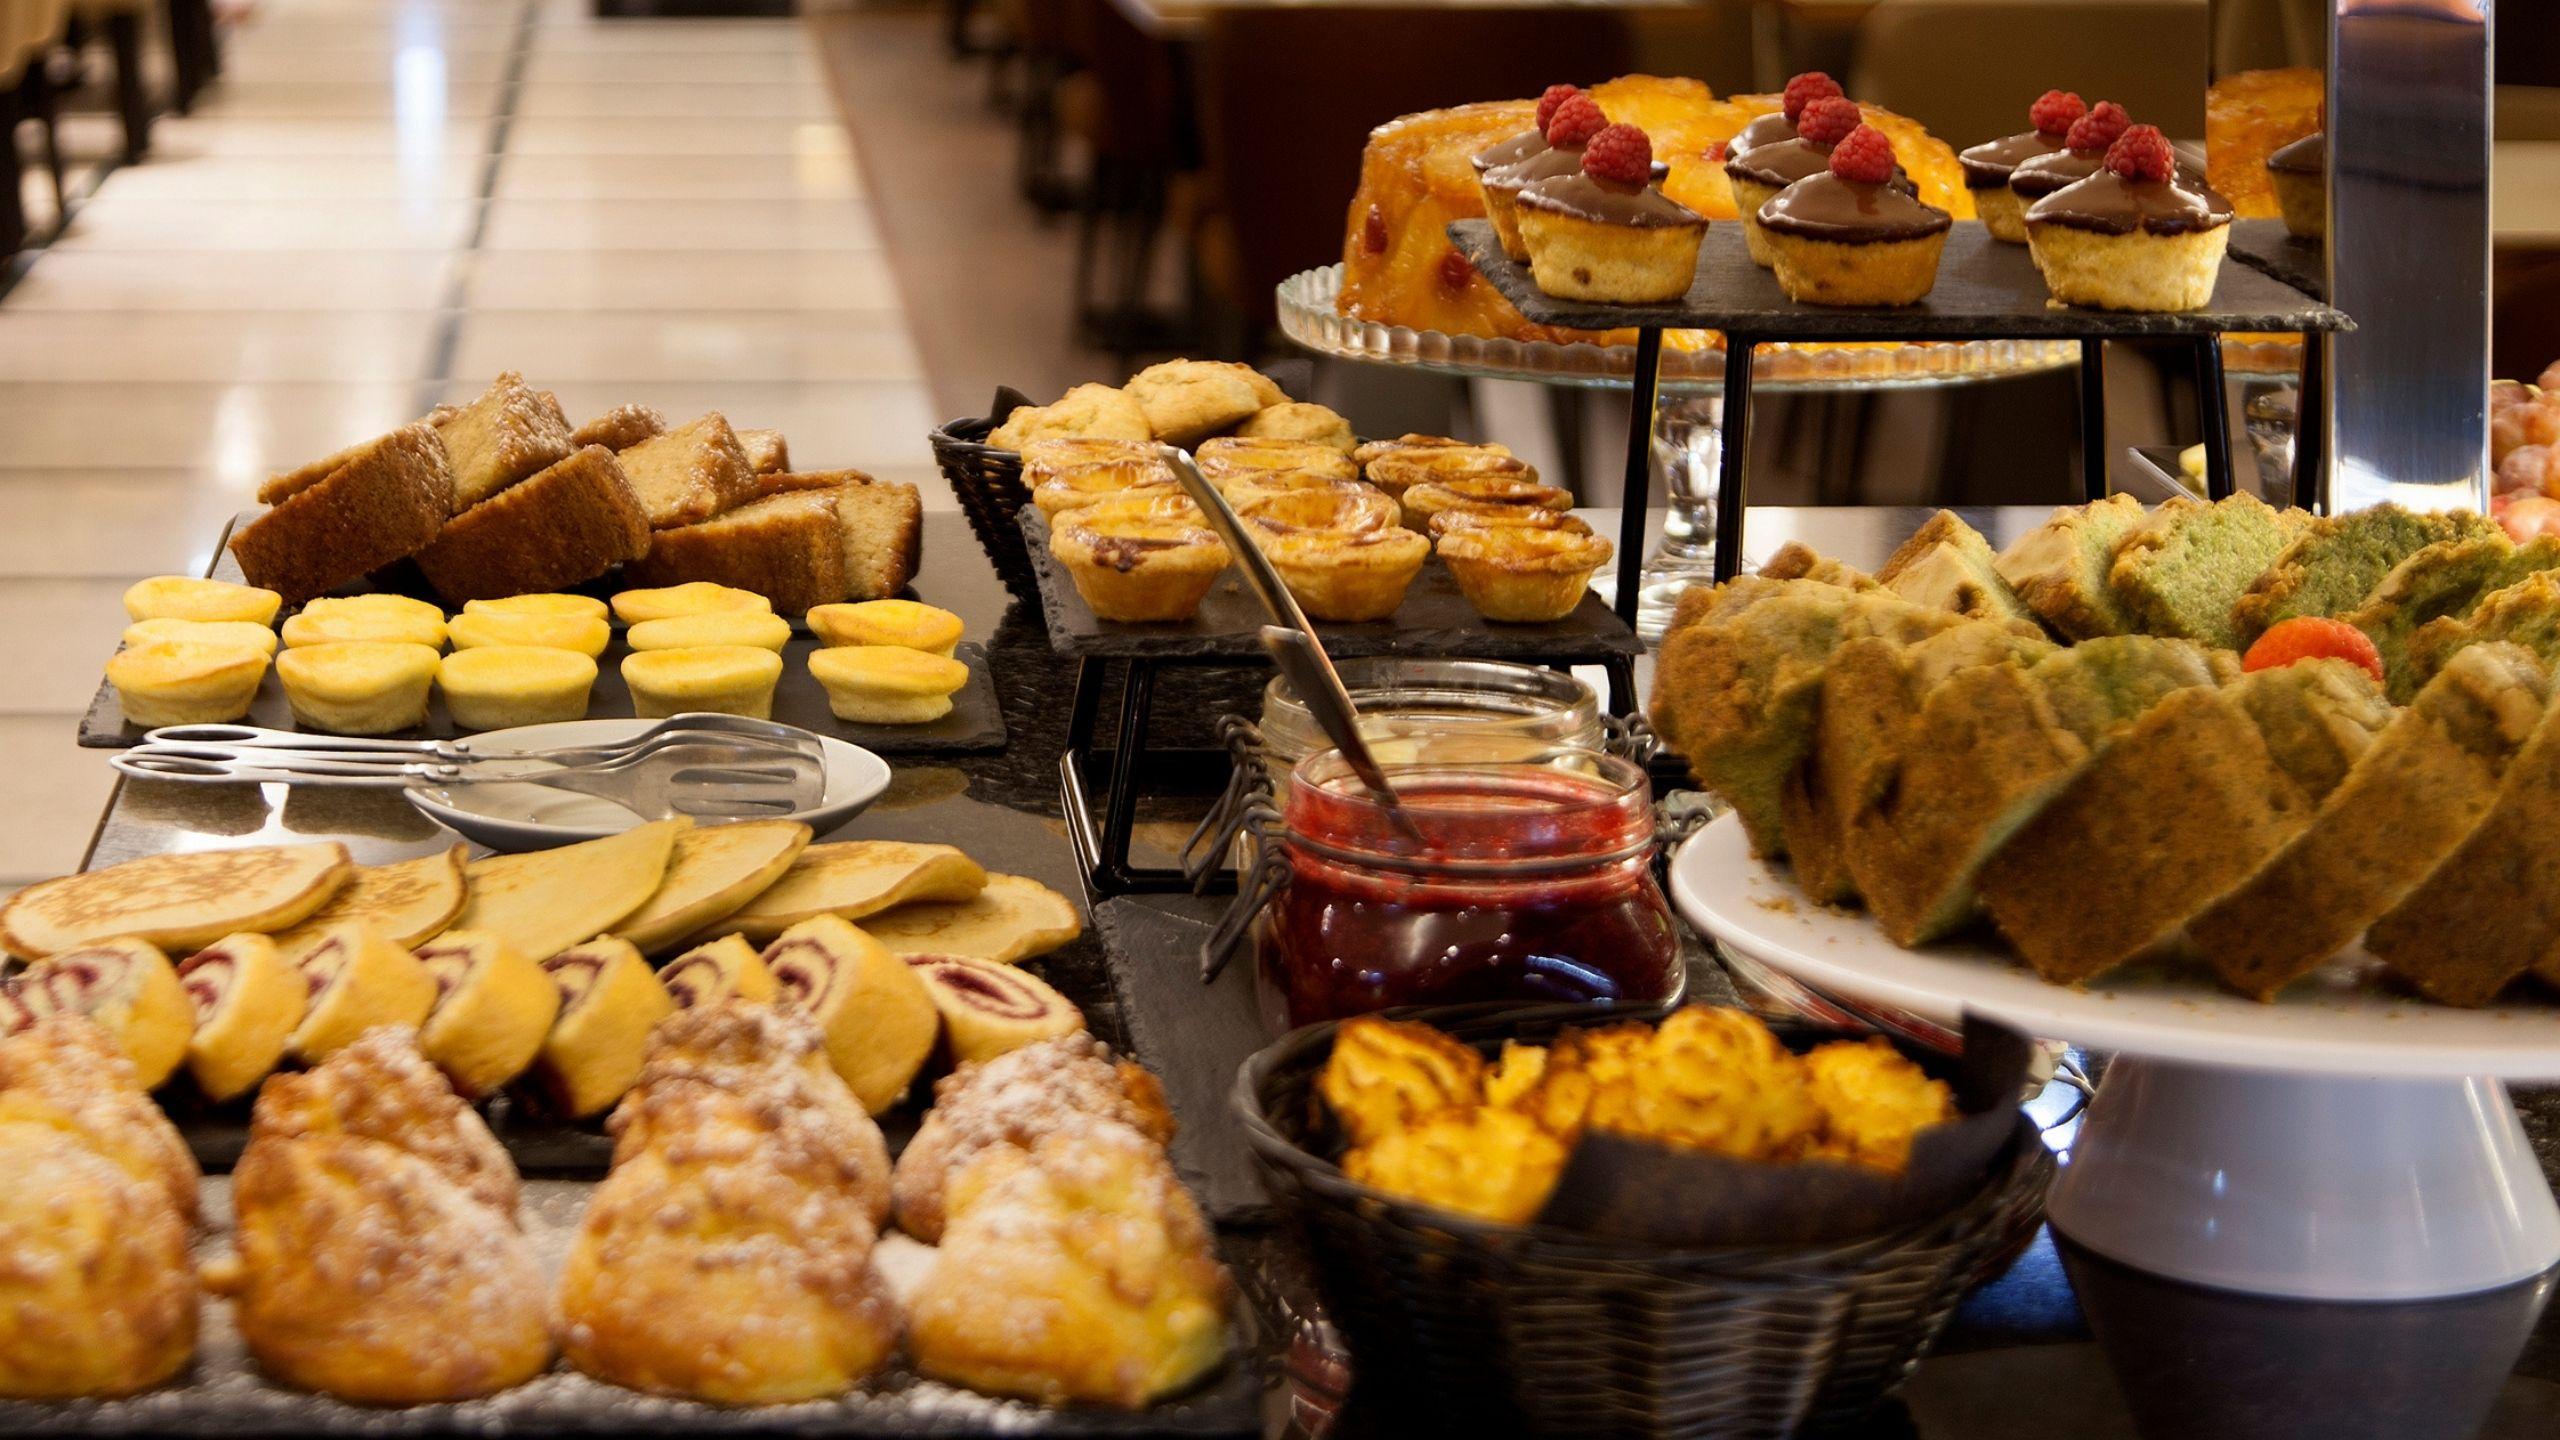 Pequeno almoço com bolos e doces